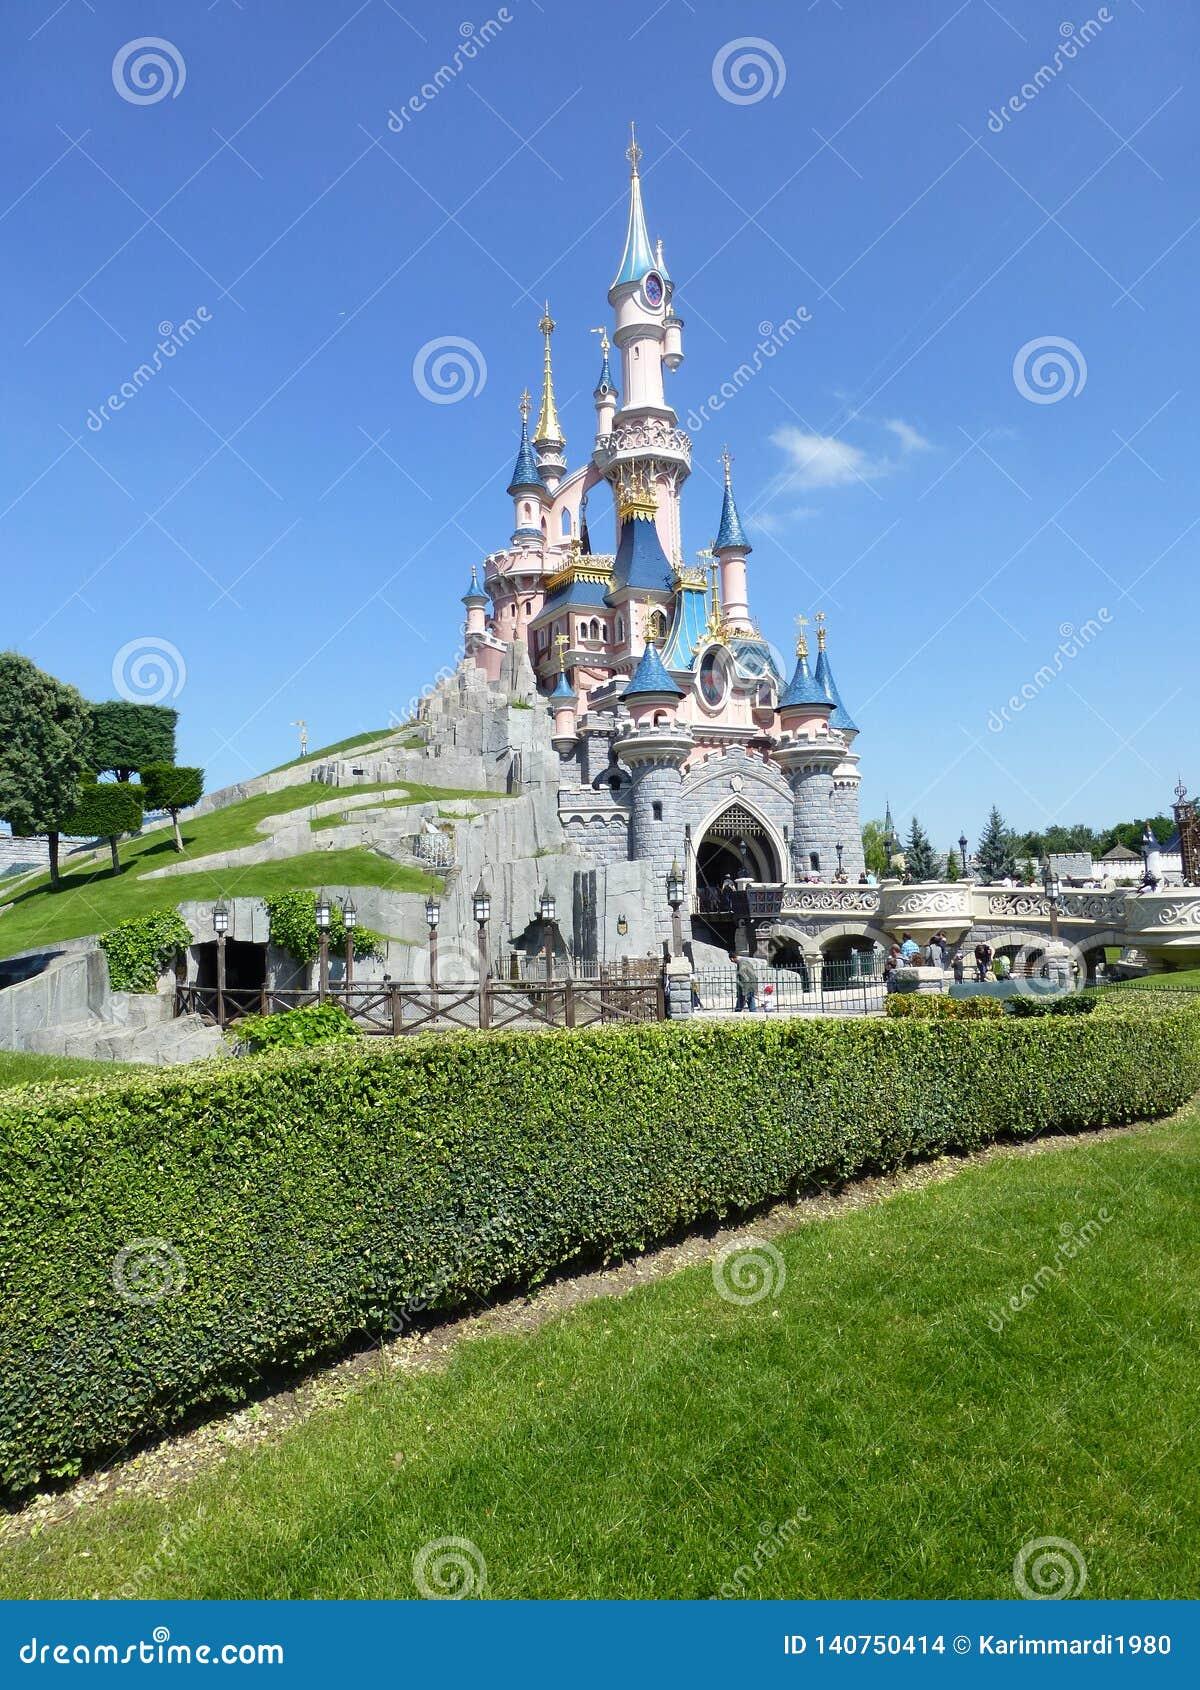 Disneylandya París décimo quinto Anniversarry